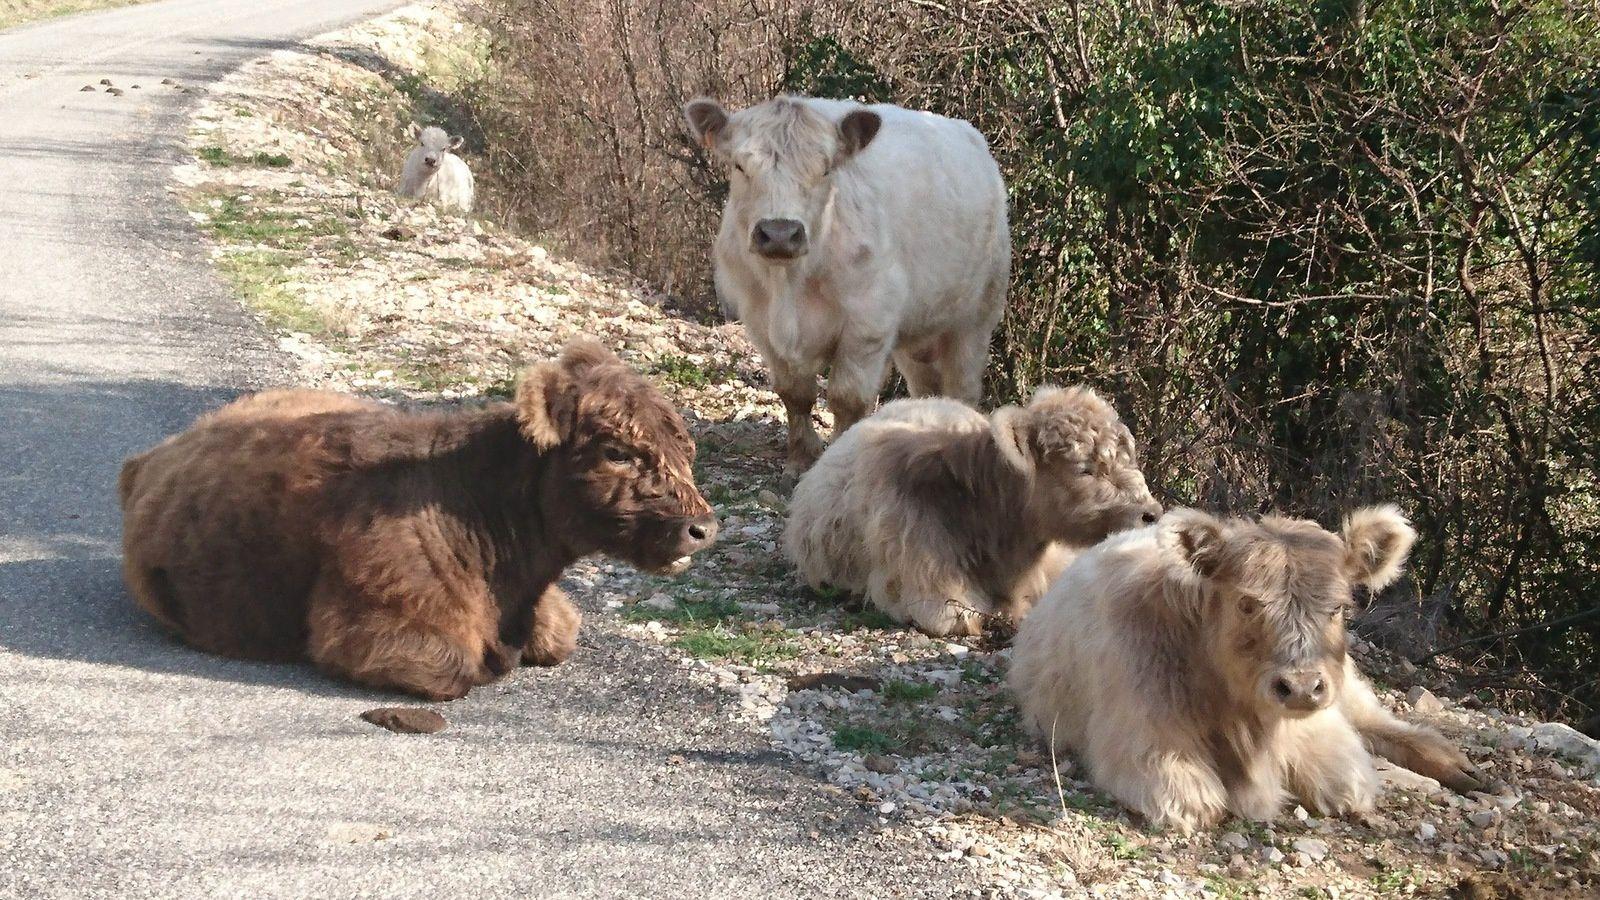 Ralentir, mais ne pas déranger ! Elles me regardent passer ces vaches sur la route entre le col de Pennes et Aucelon.